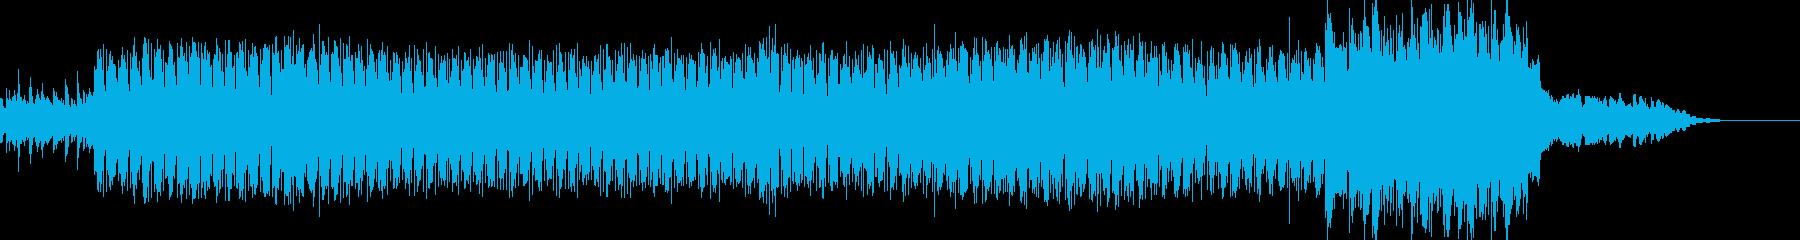 バトル:重厚ダークテックトランス60秒の再生済みの波形